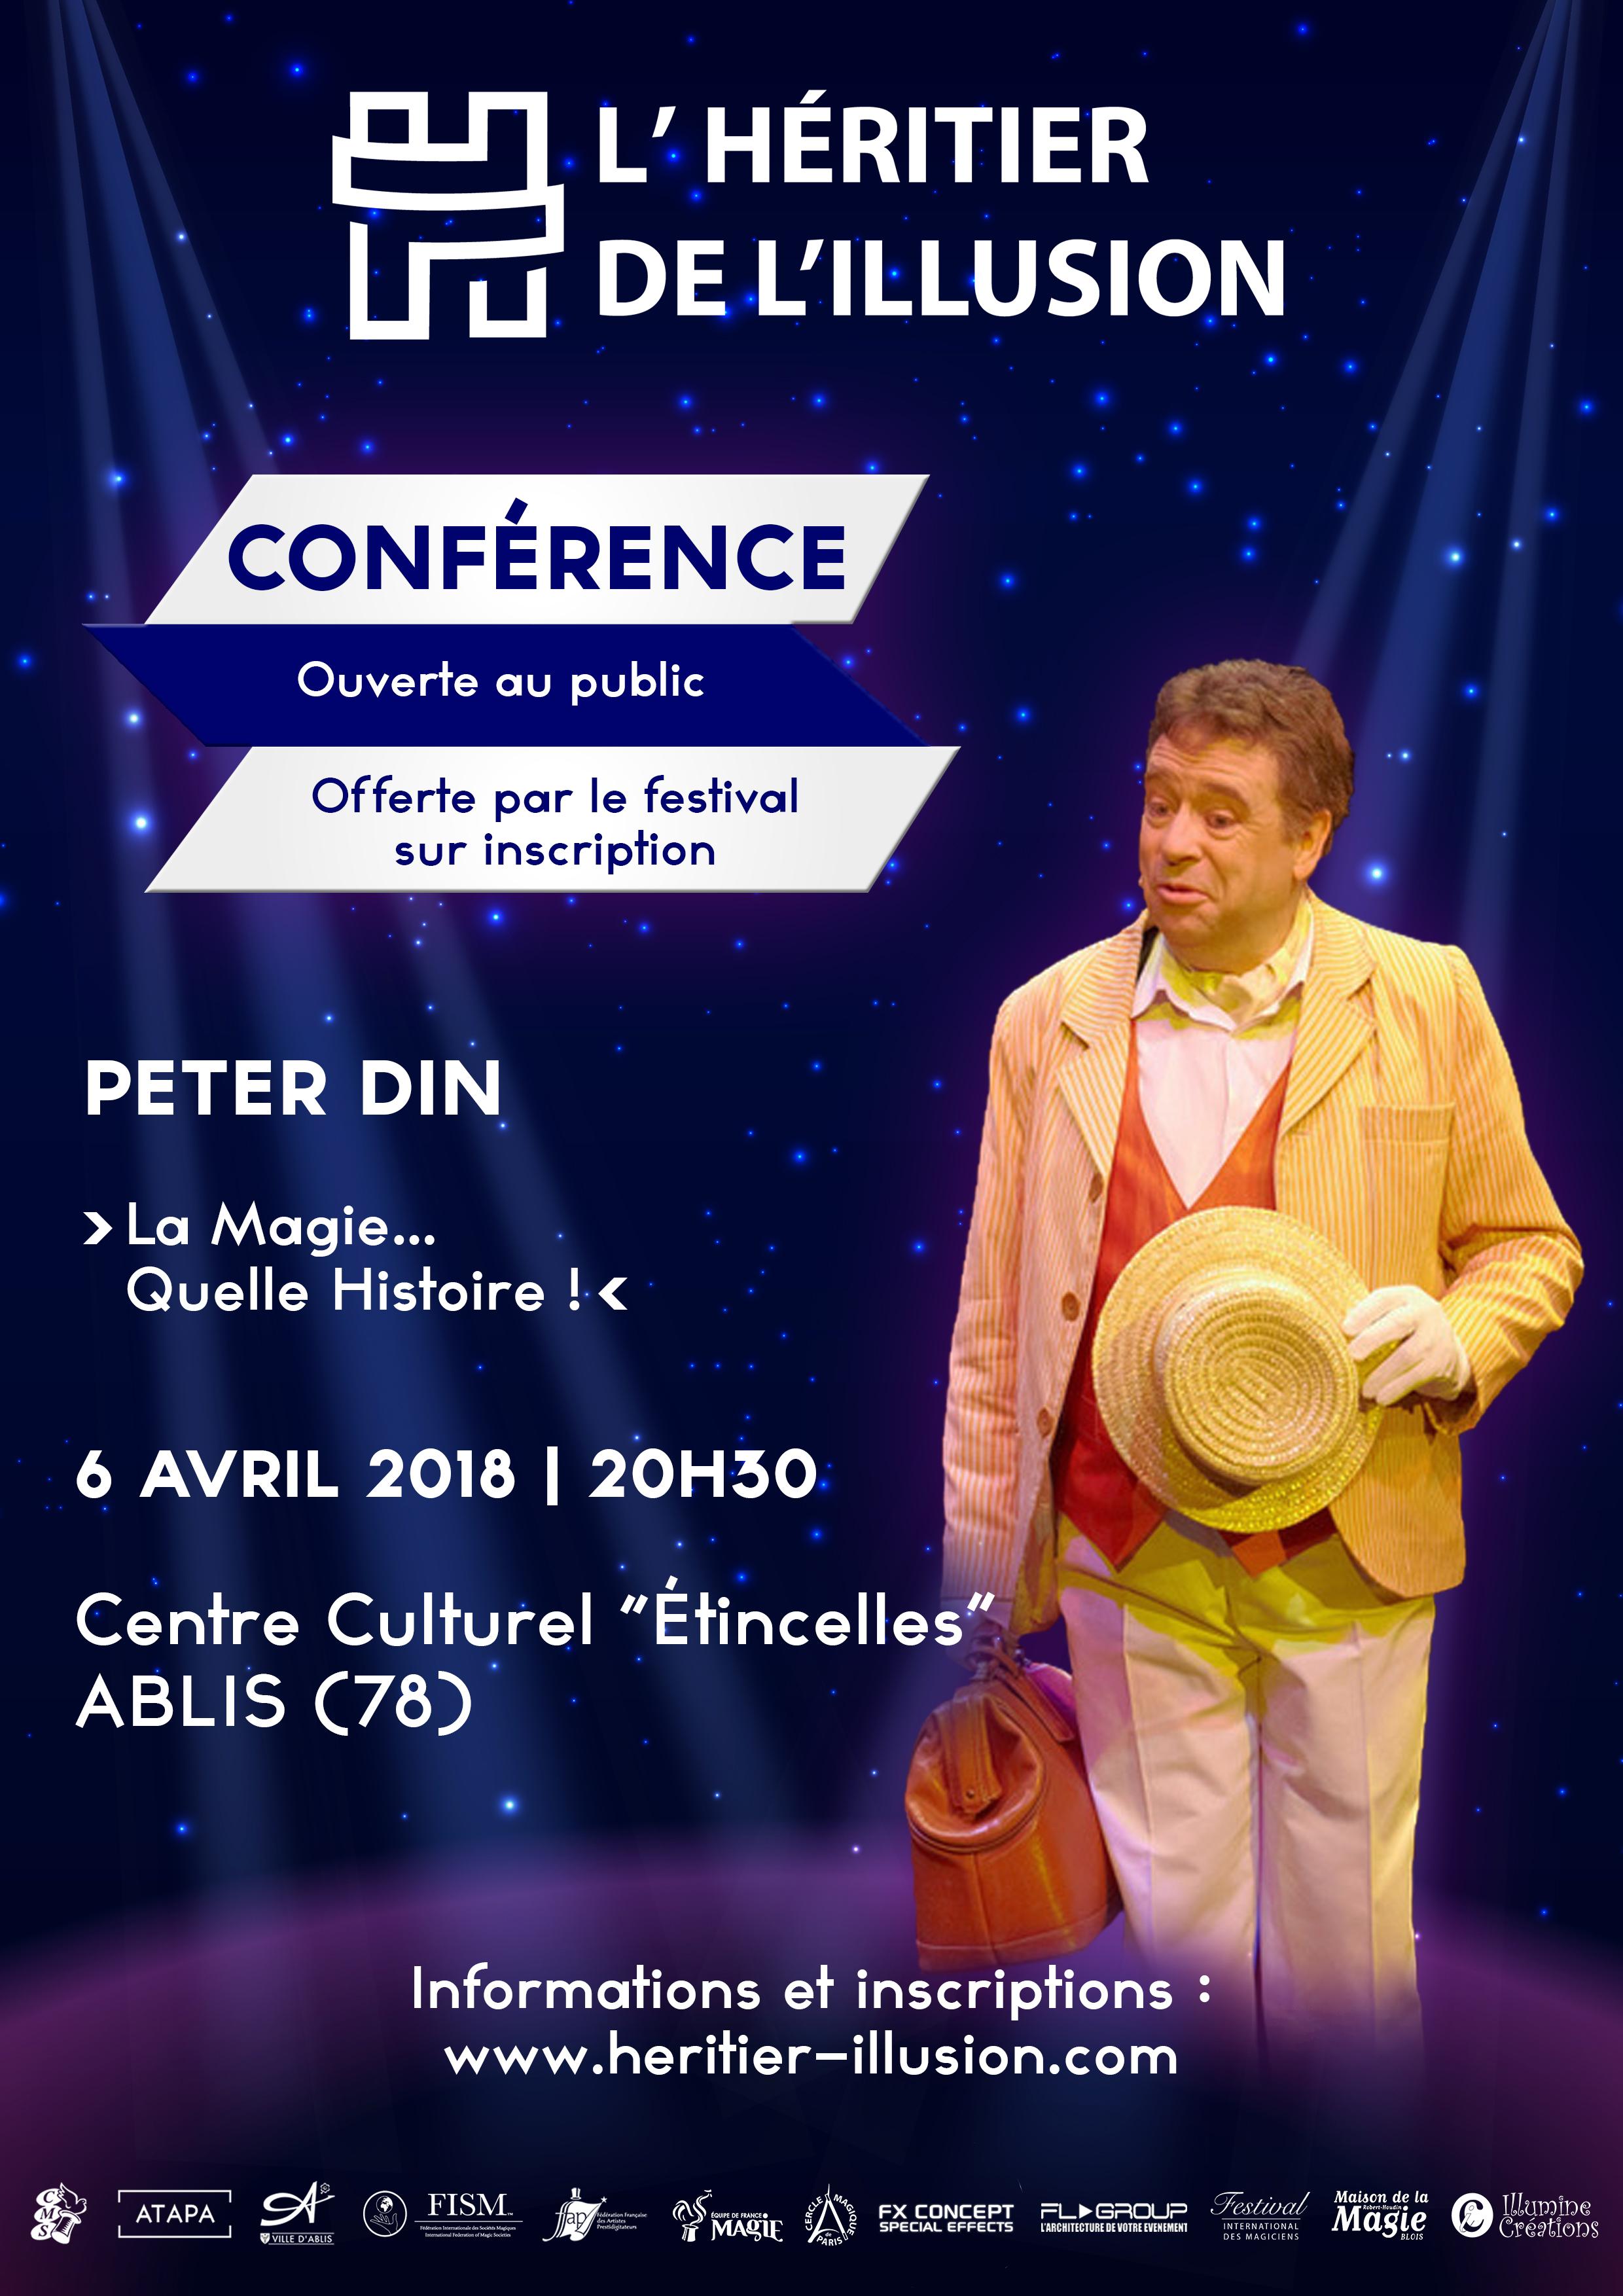 Conférence La Magie Quelle Histoire de Peter Din - L'Héritier de l'Illusion